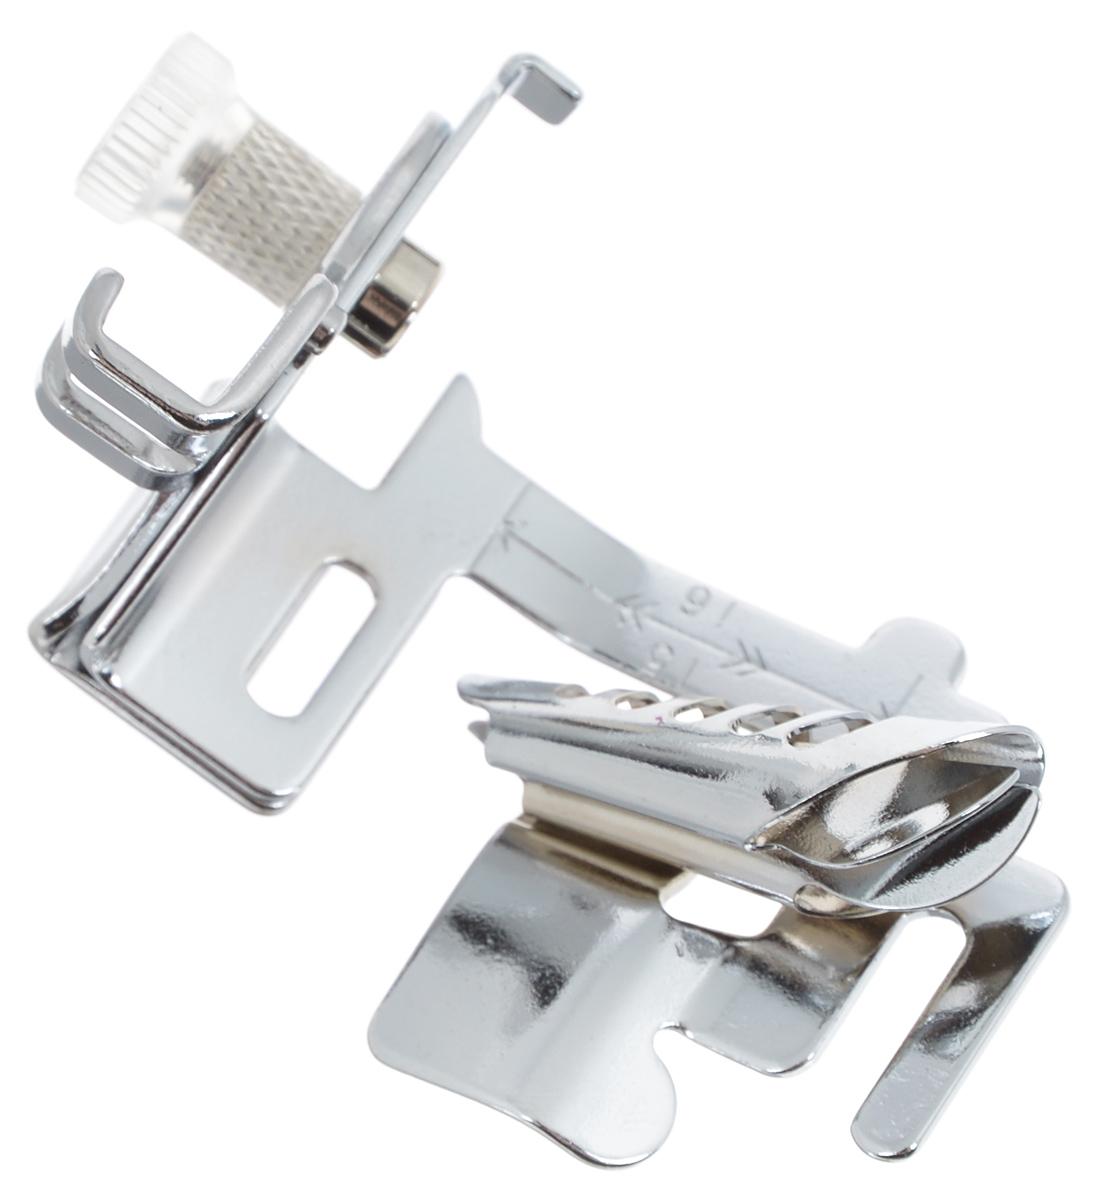 Лапка для швейной машины Aurora, для окантовывания края отделочной тесьмойAU-117Лапка для швейных машин Aurora предназначена для обработки краев отделочной тесьмой. Эта операция является достаточно простым способом придать обрезным краям материала ровный и аккуратный вид. Для этого нужна отделочная тесьма (косая бейка) шириной 24 мм, без средней складки. Подходит для большинствасовременных бытовых швейныхмашин. Инструкция по использованию прилагается.